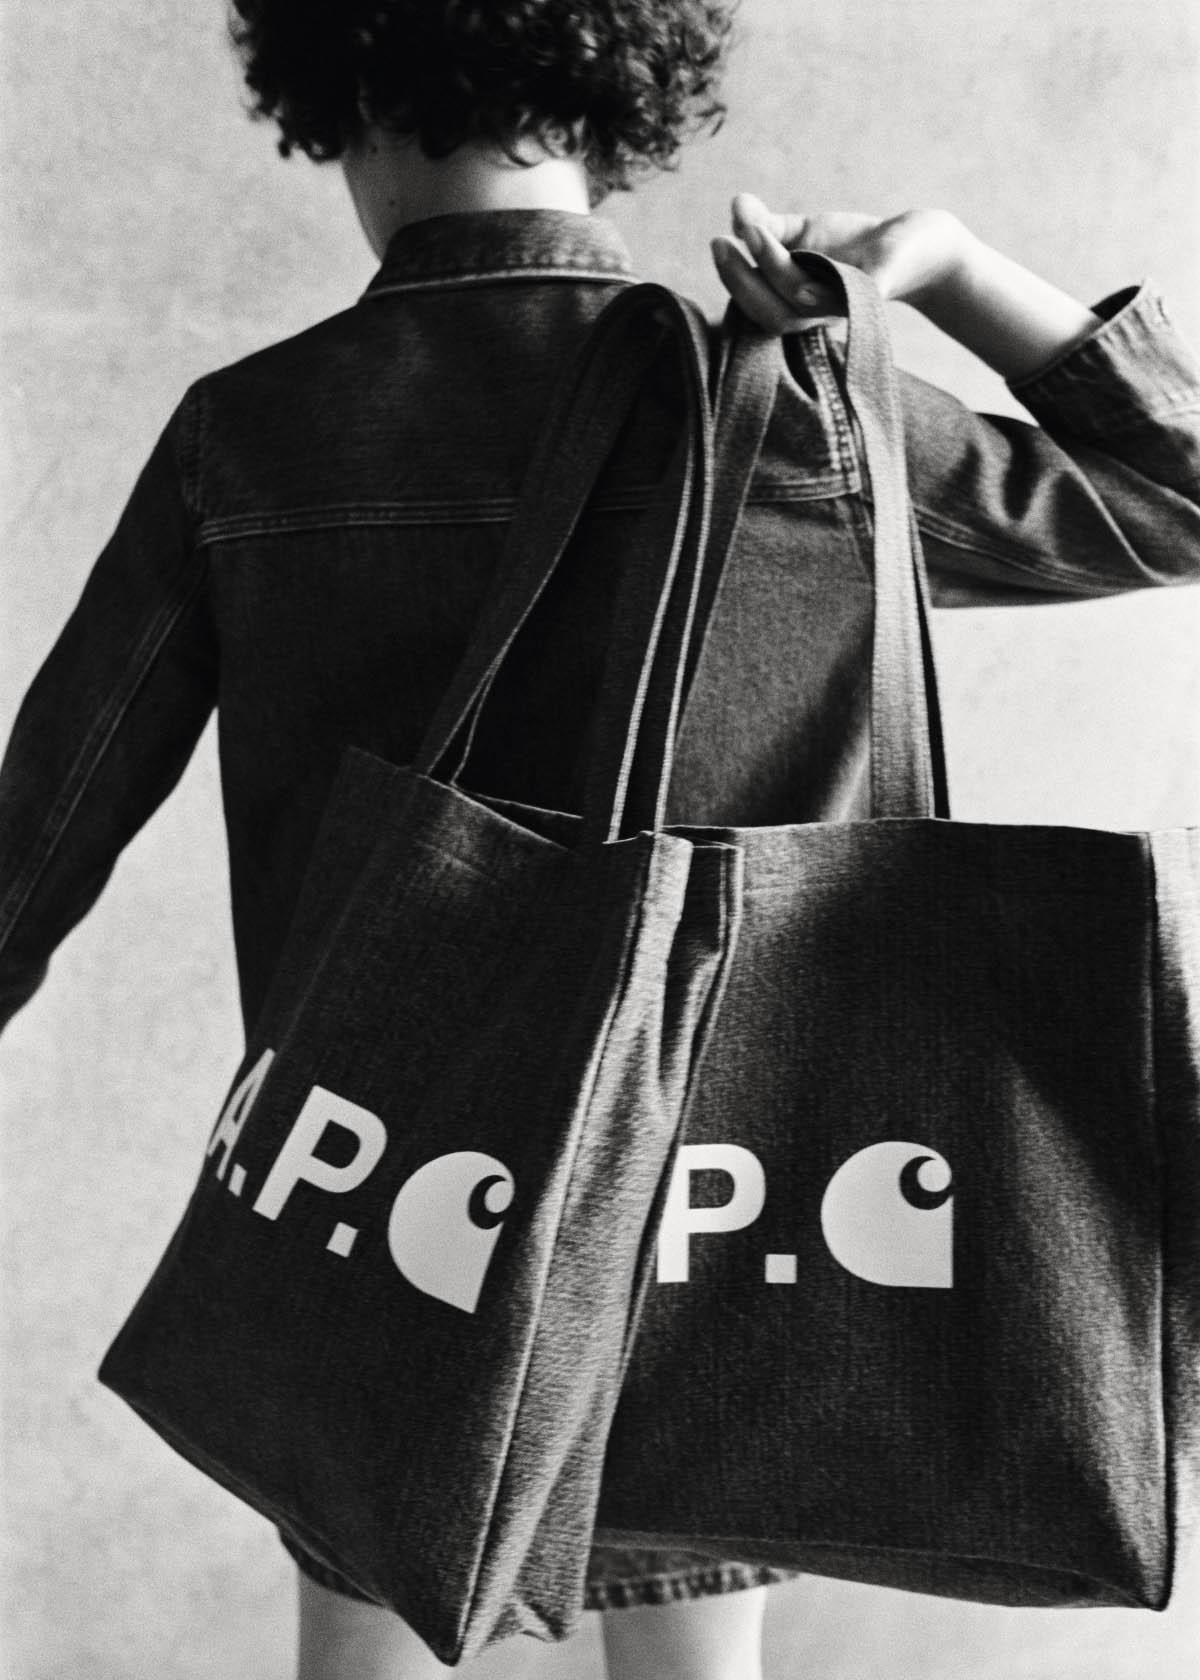 A.P.C & Carhartt WIP